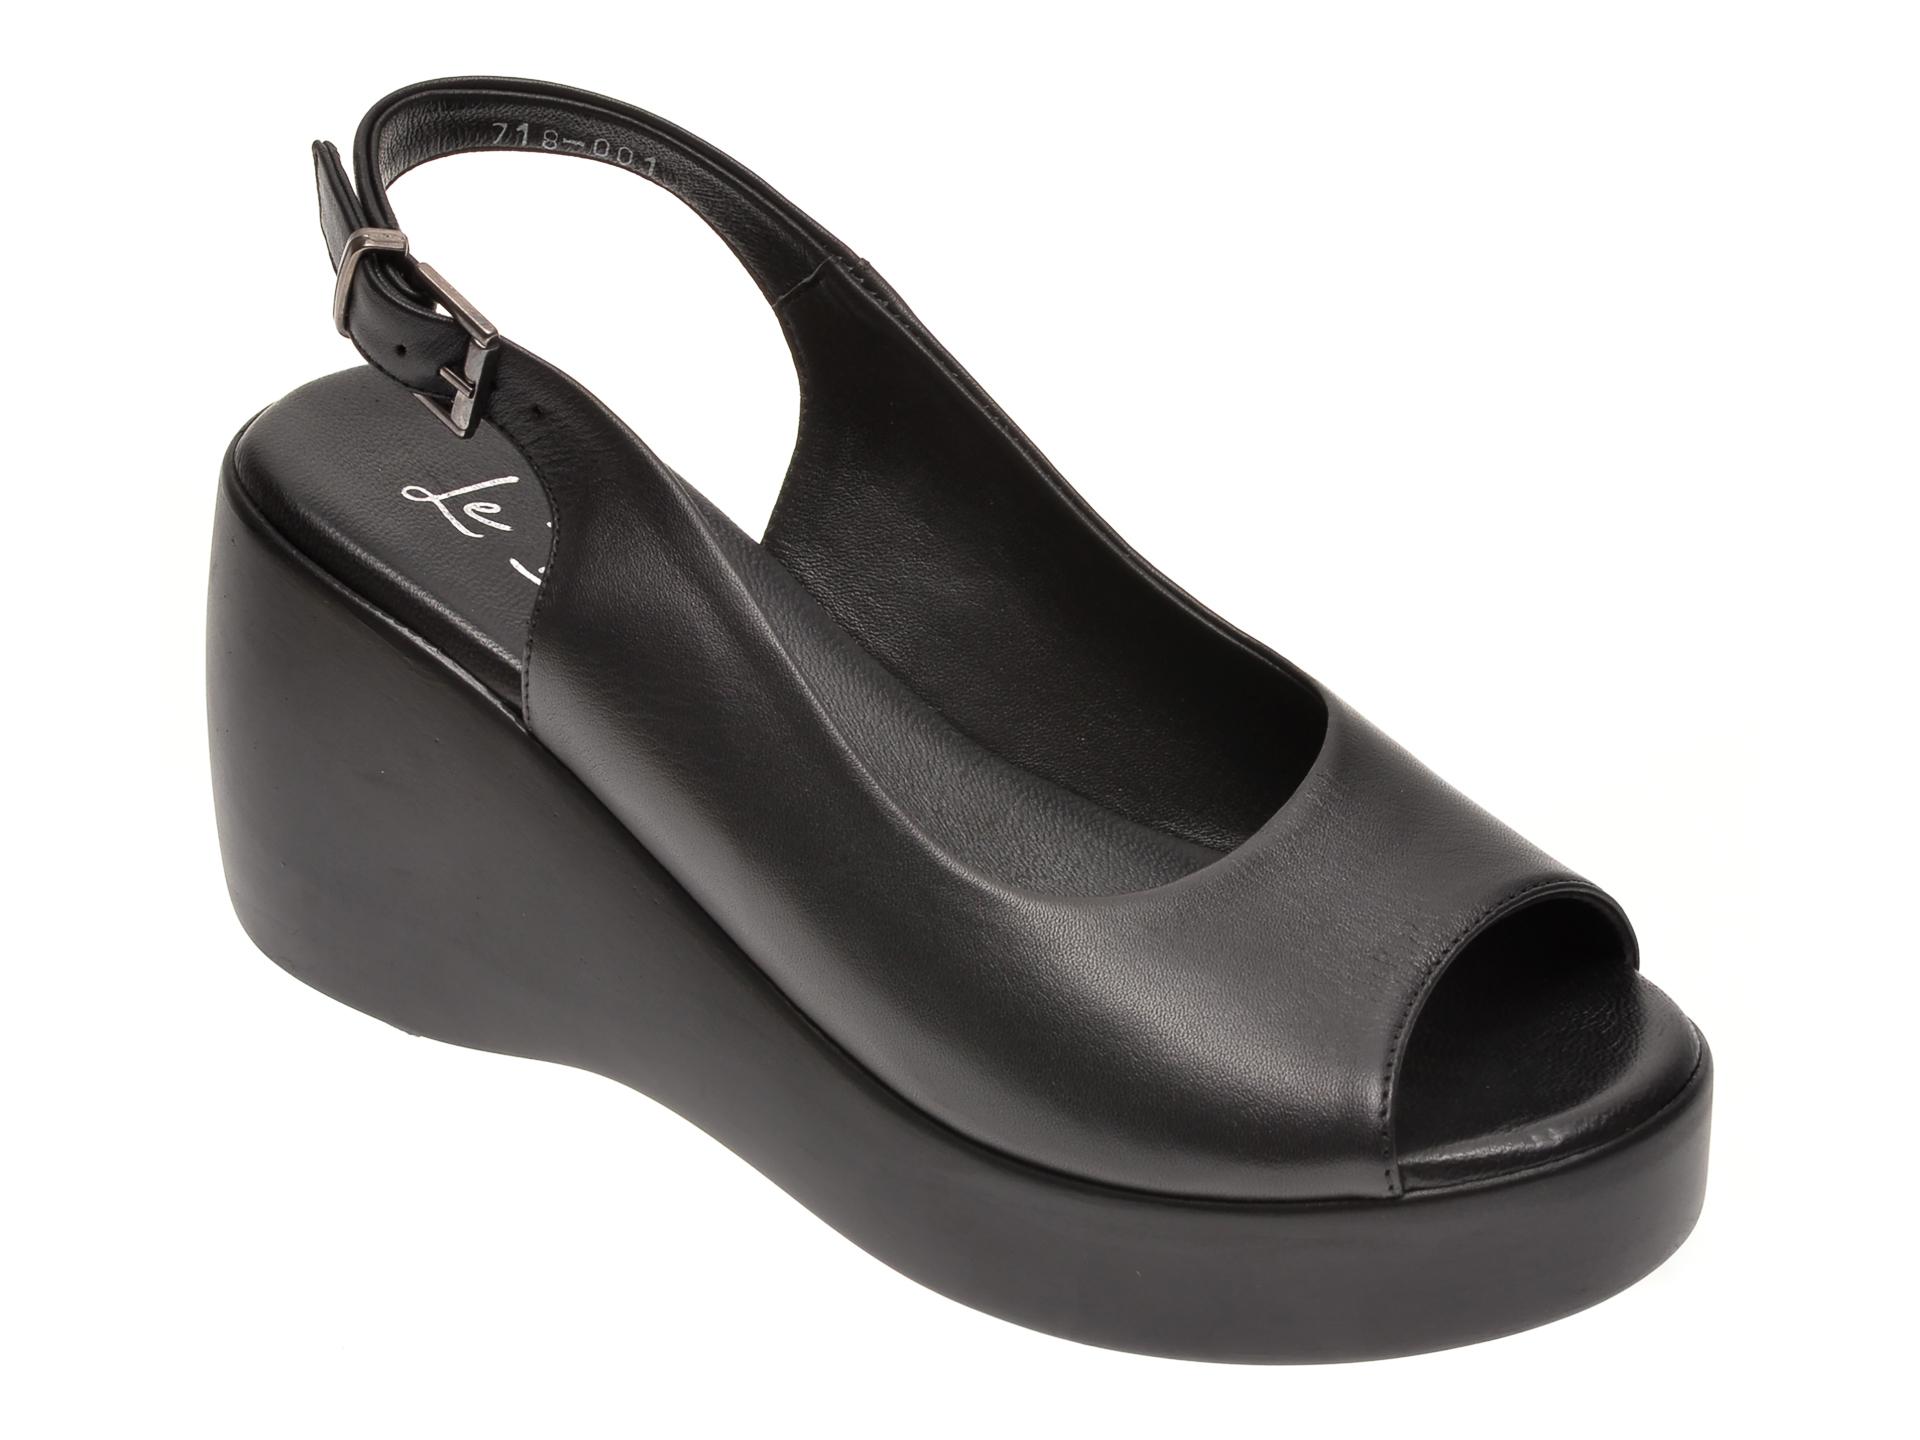 Sandale LE BERDE negre, 71800M5, din piele naturala